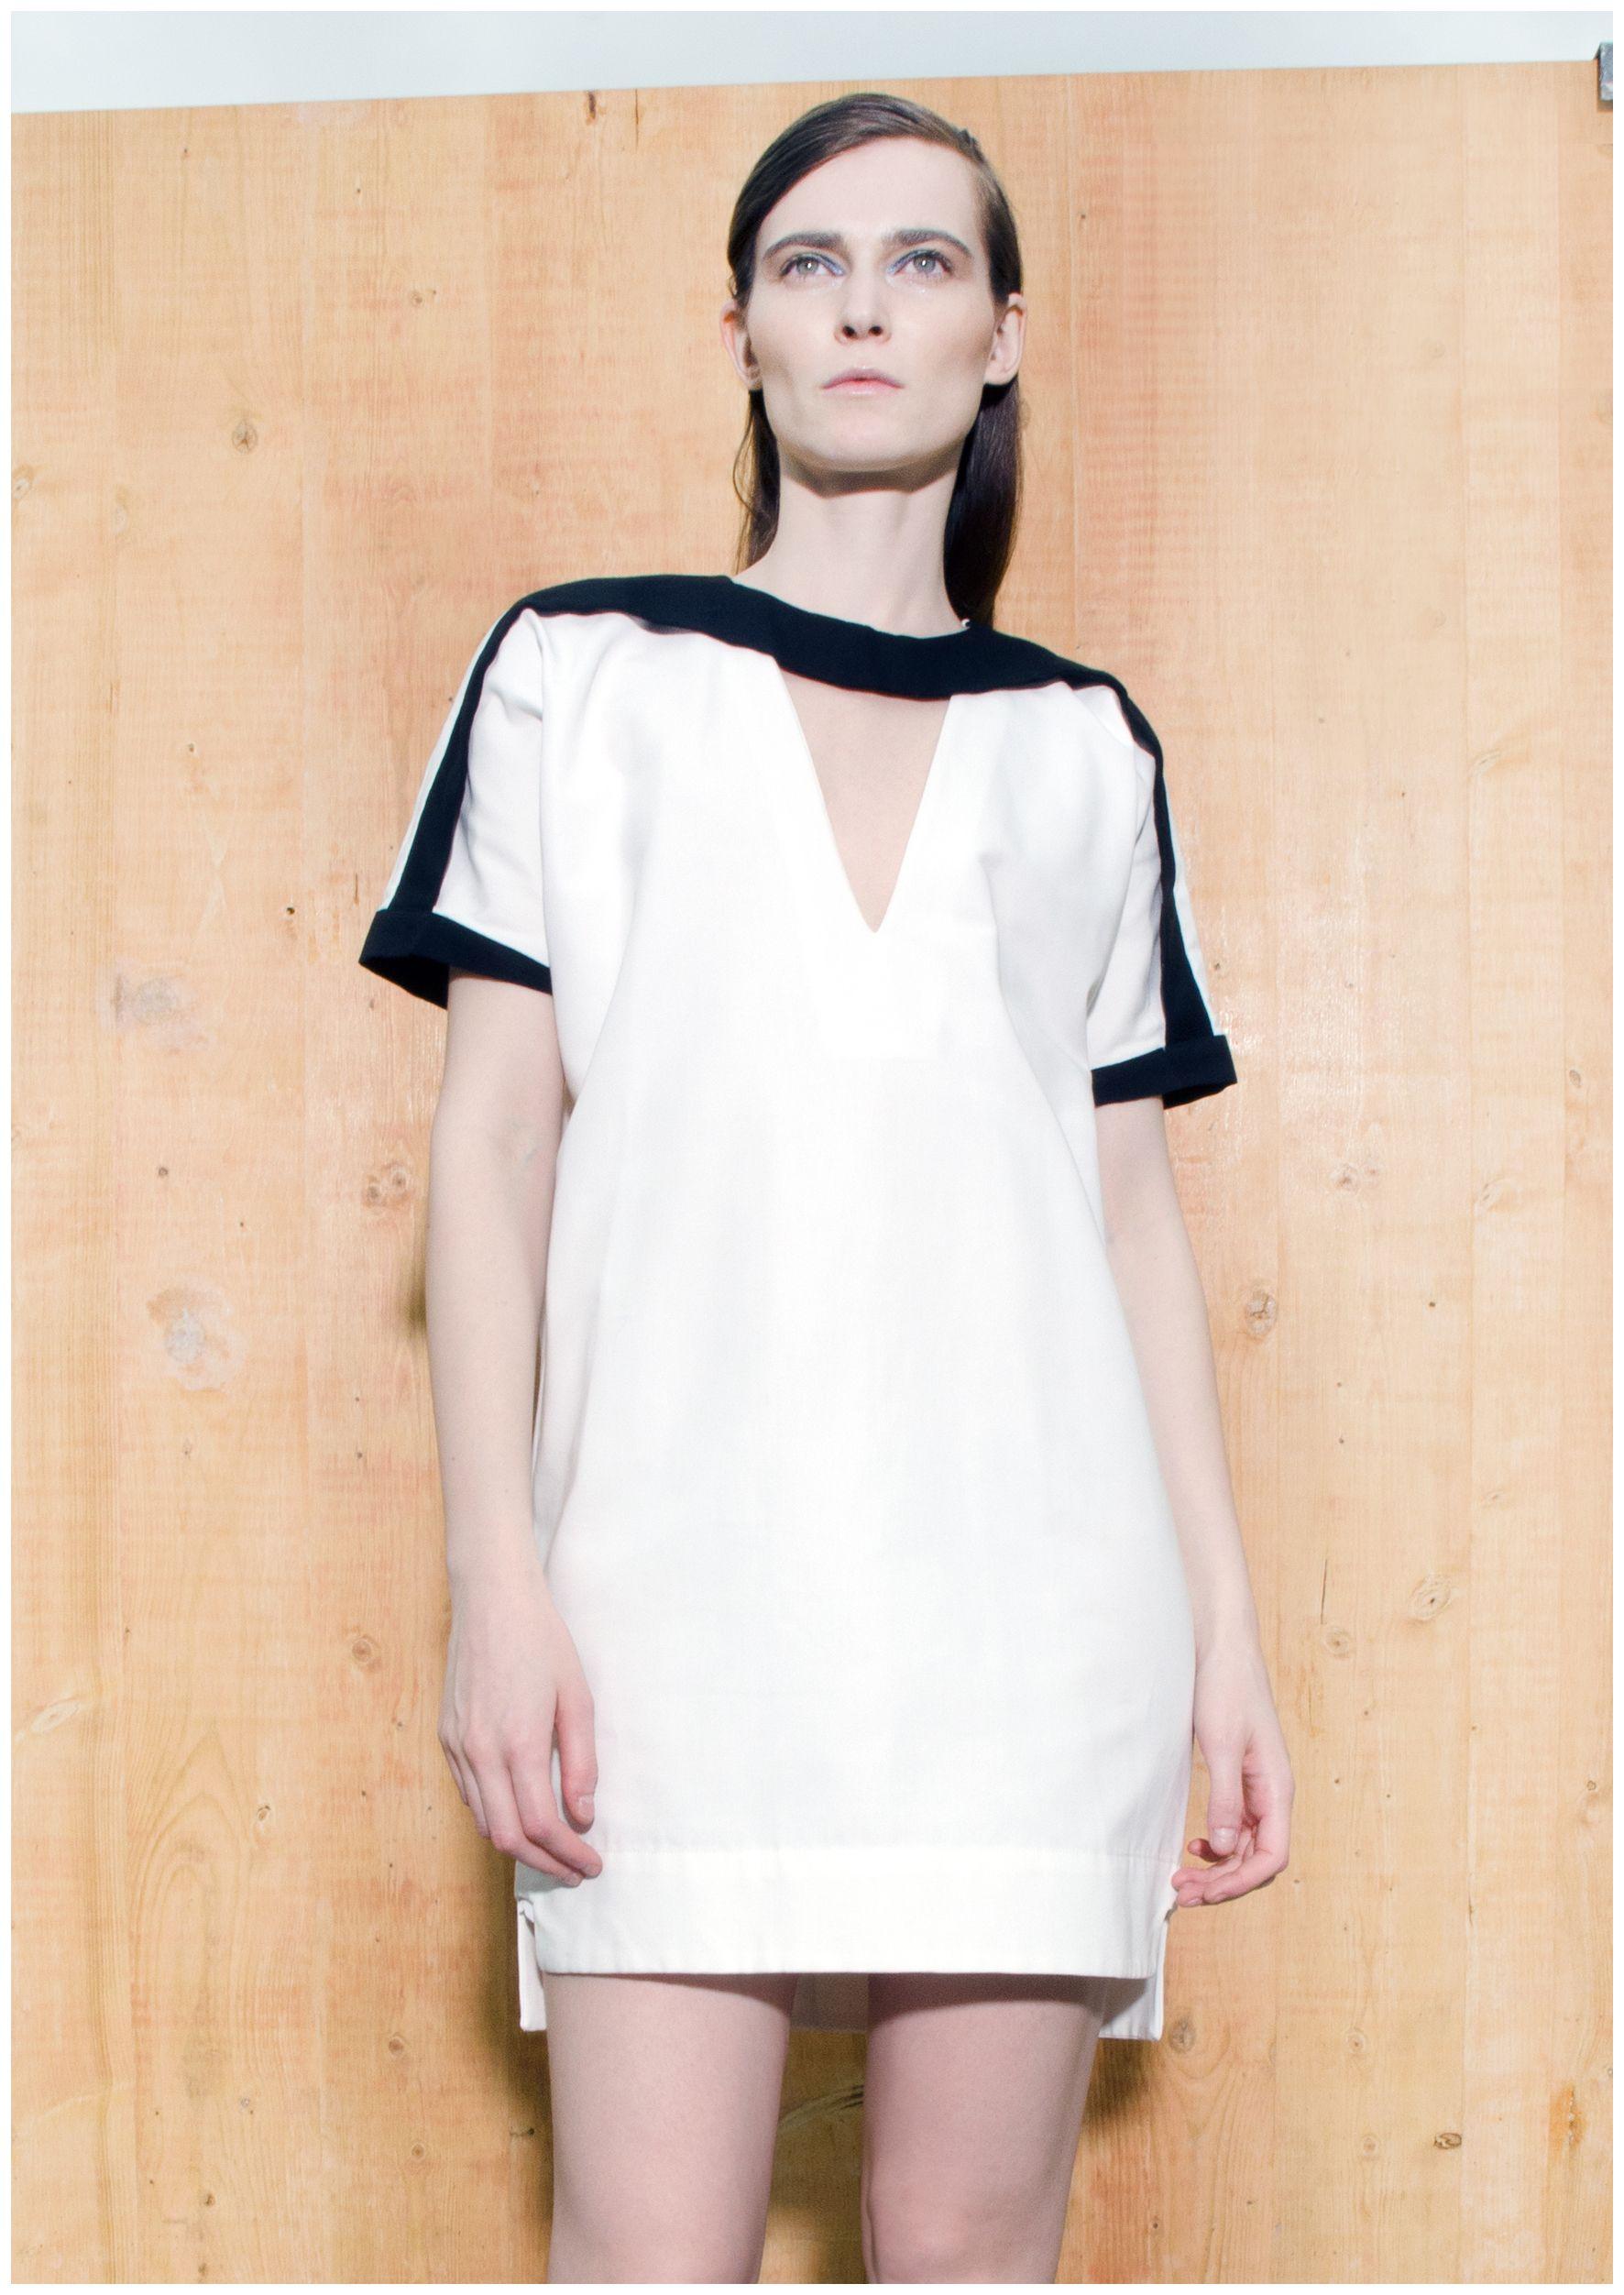 #karakusi #blackwhite #dress #cotton #short #amzing #berlin